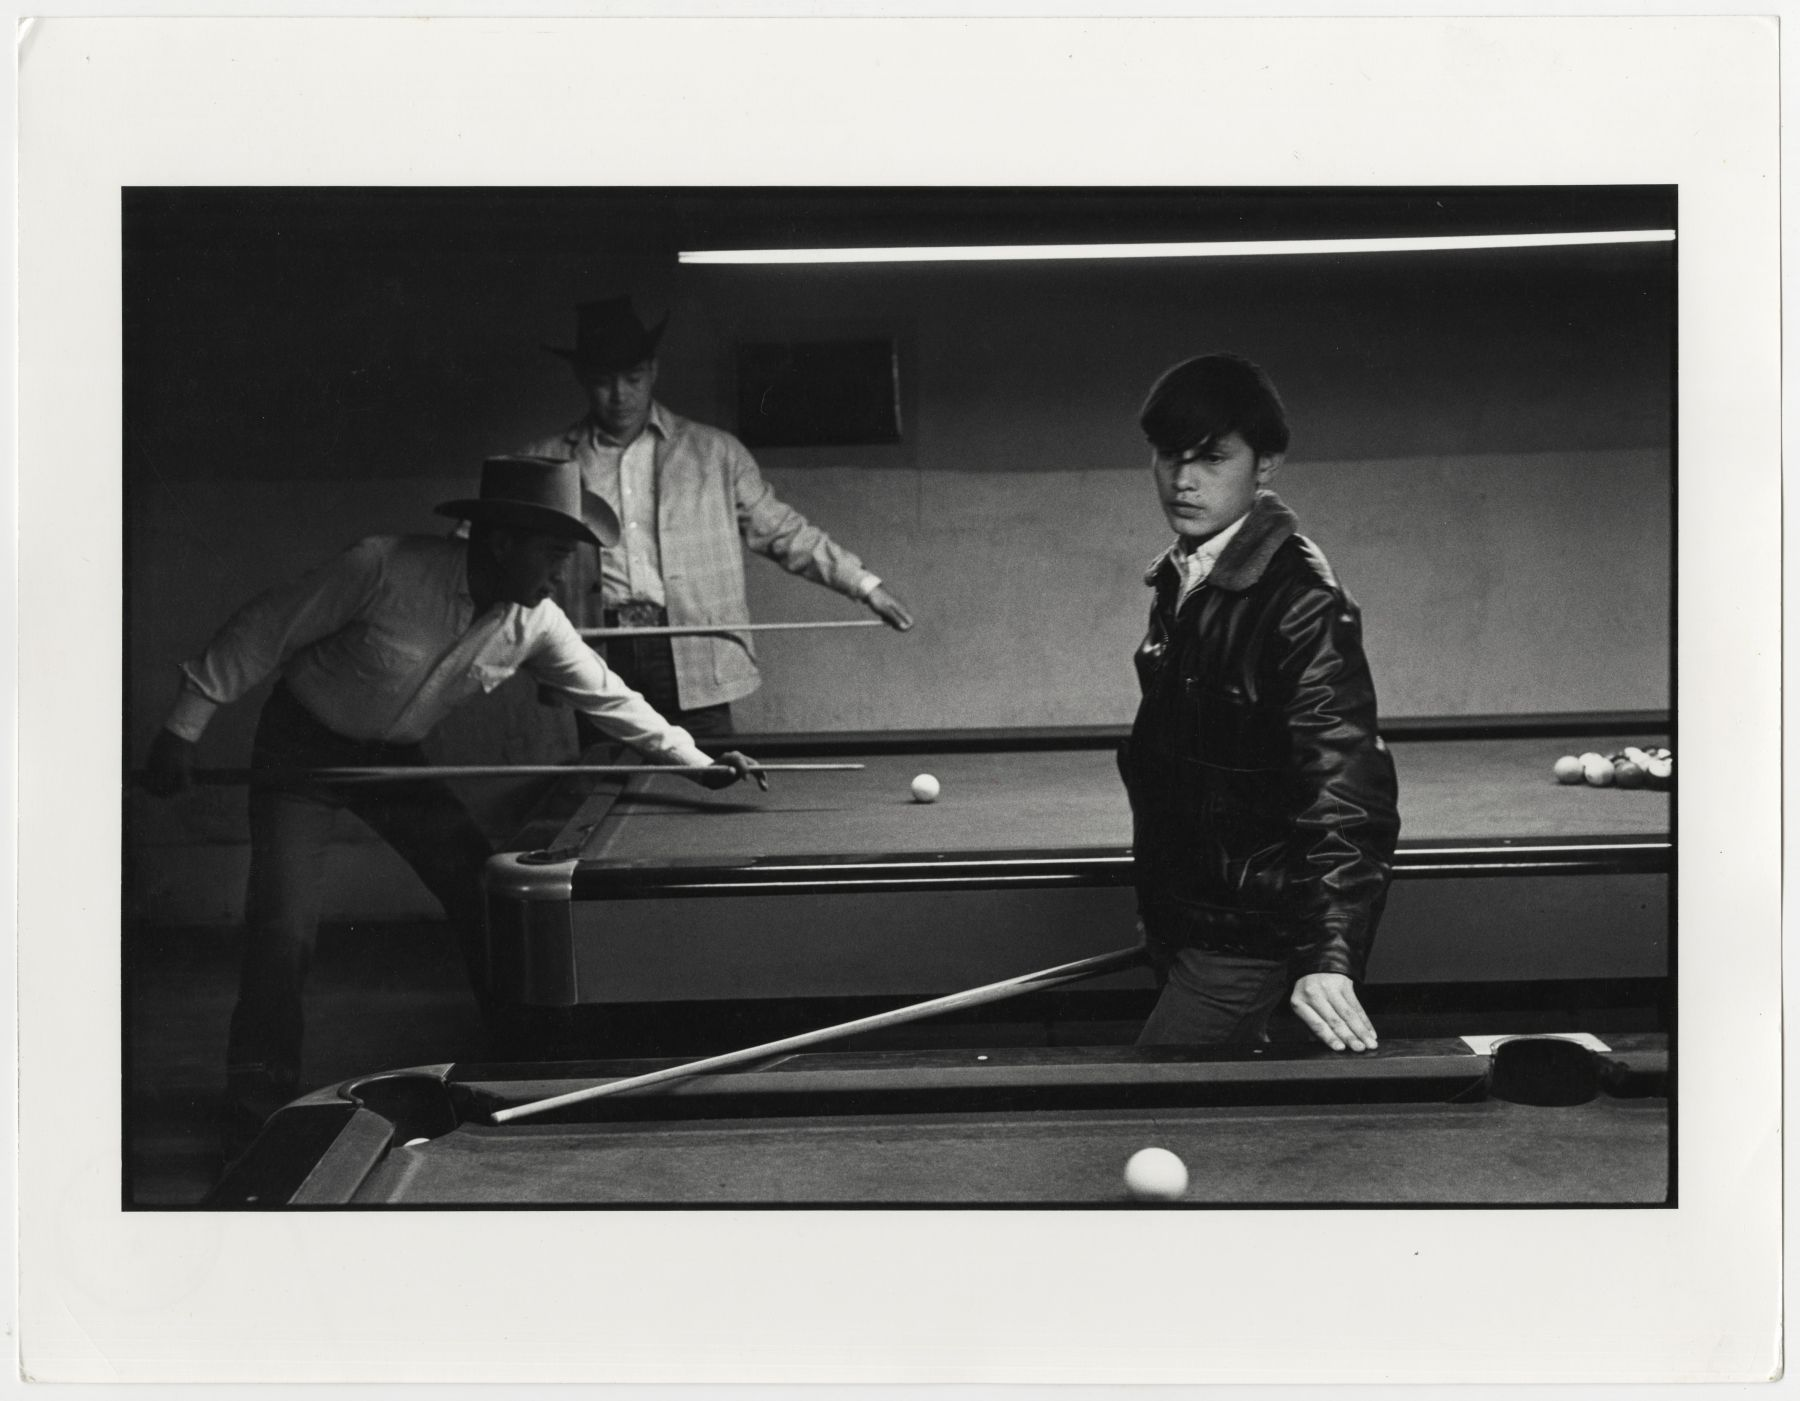 Copyright Danny Lyon / Magnum Photos, Navajo Pool Room, Gallup, New Mexico, 1973